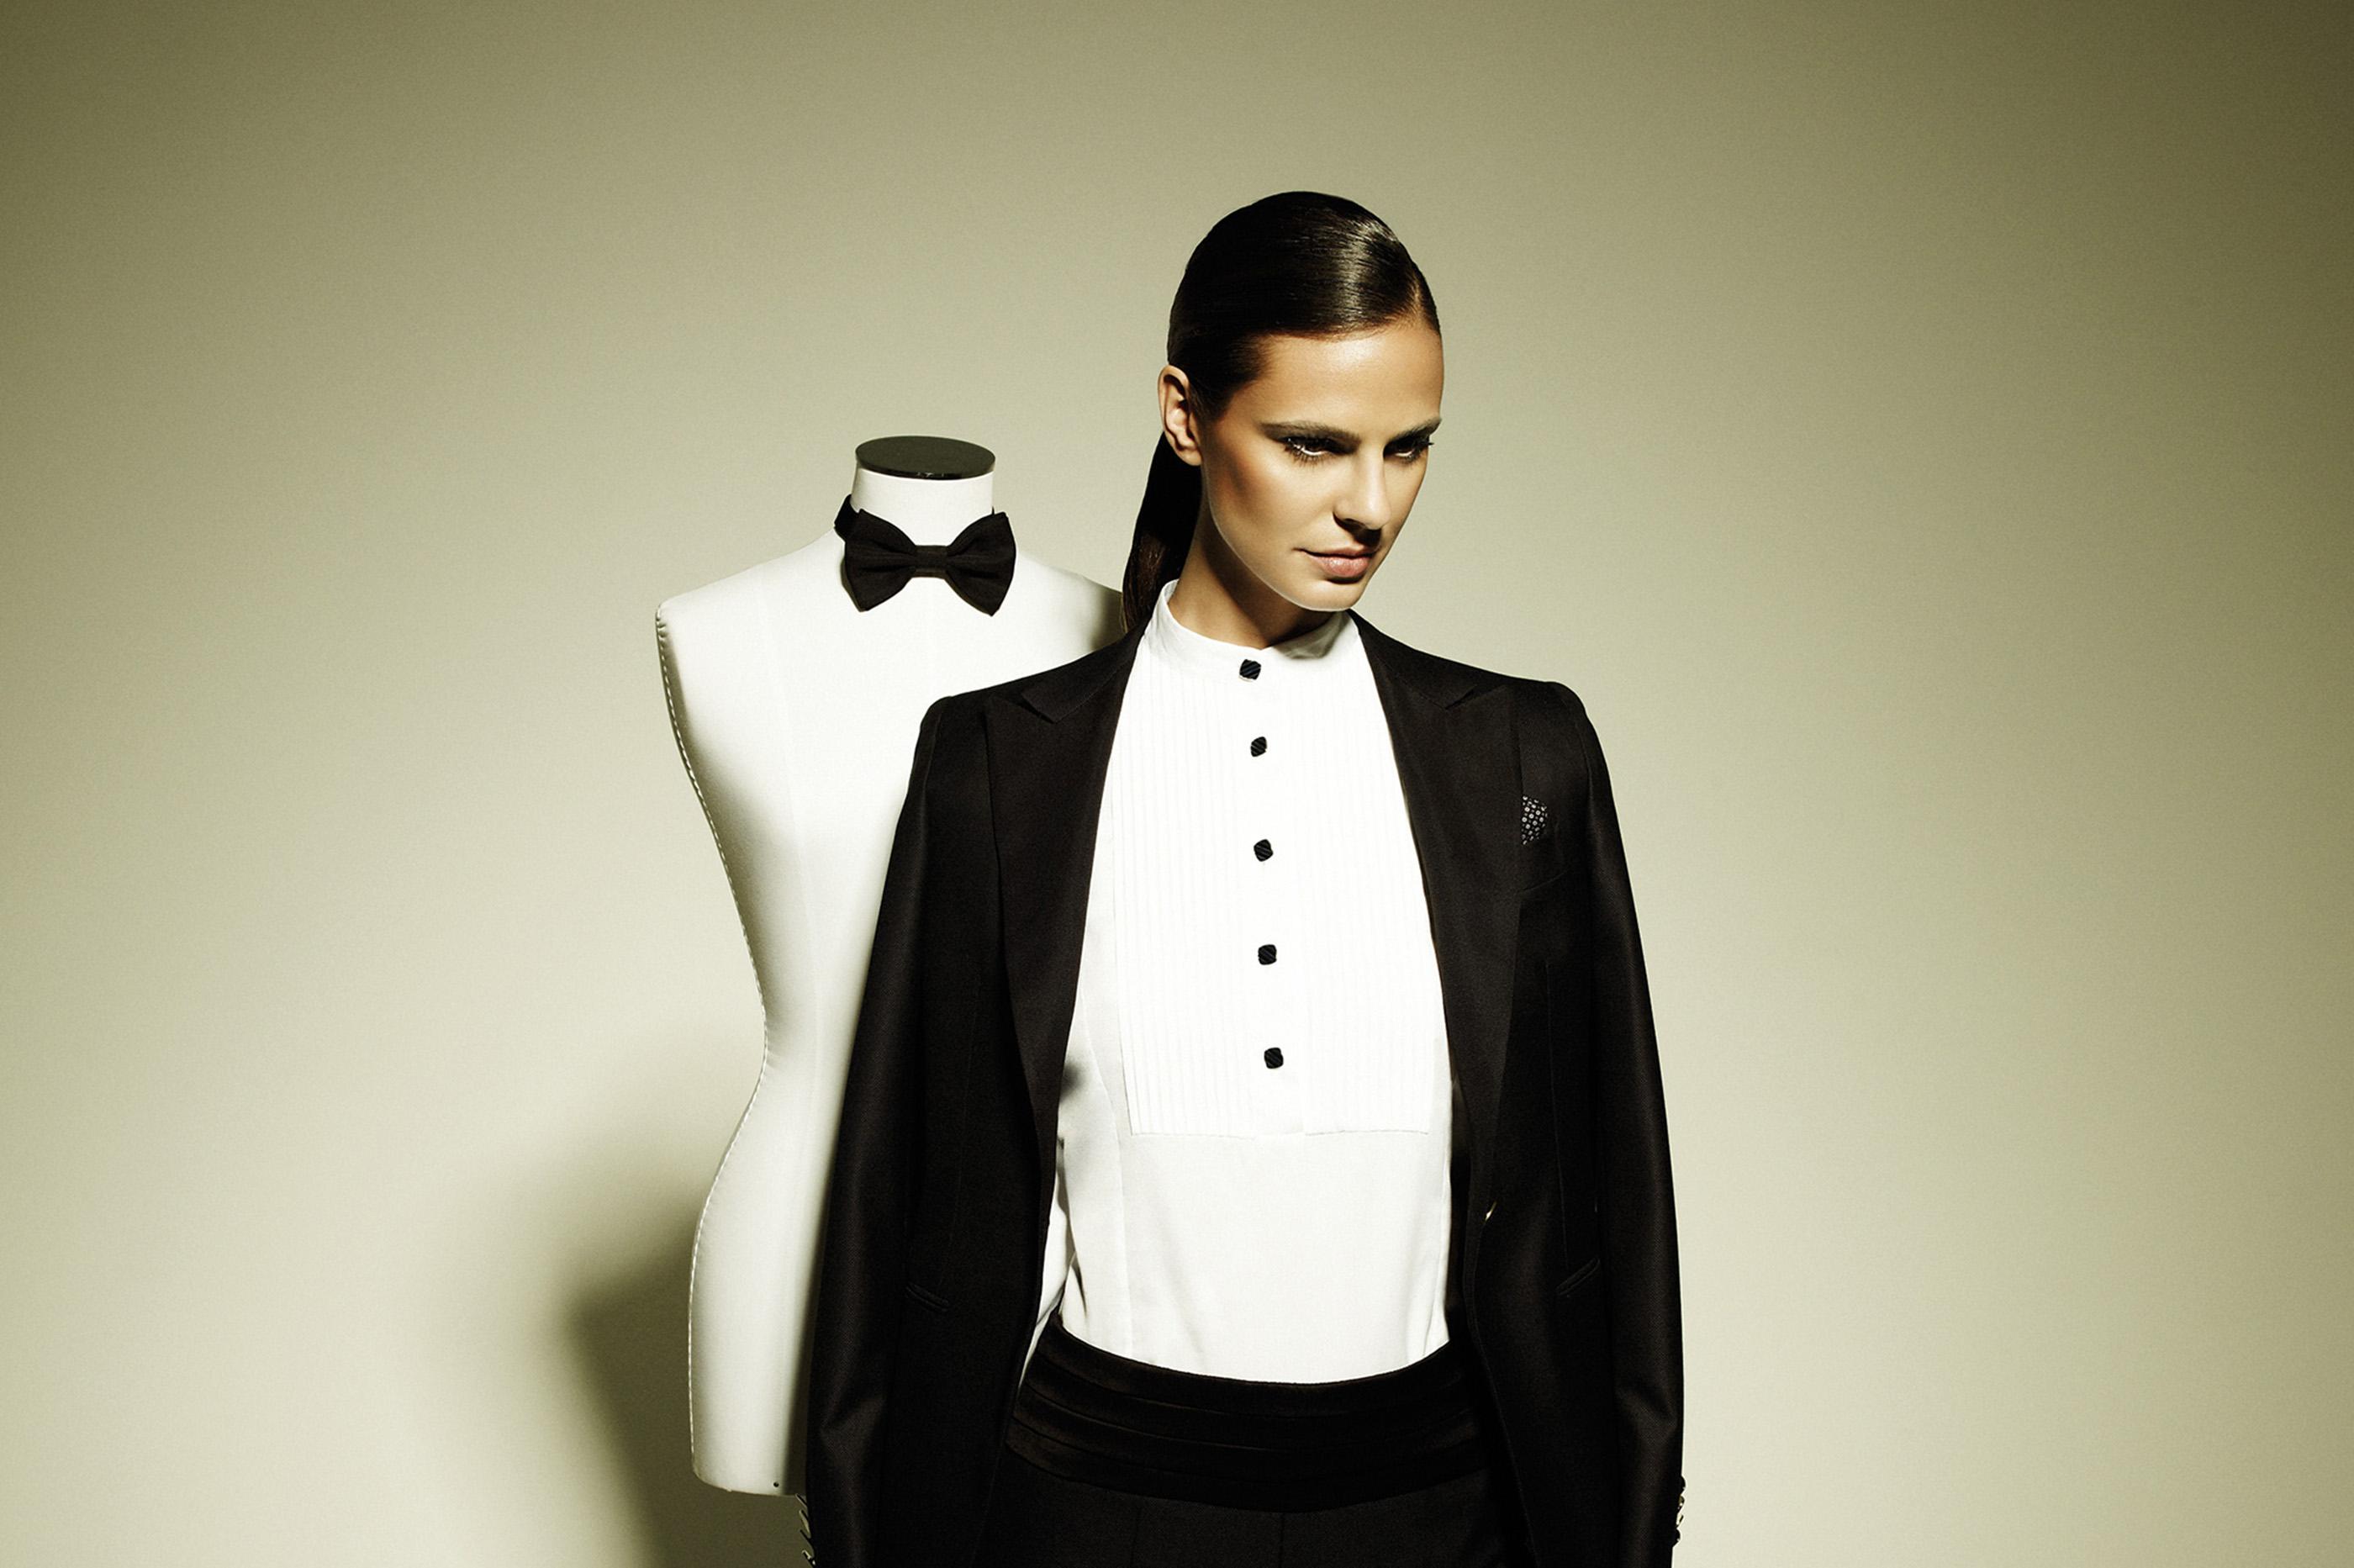 Photo of Мужские элементы женского гардероба женщины в мужской одежде Мужские элементы женского гардероба menswear for women2